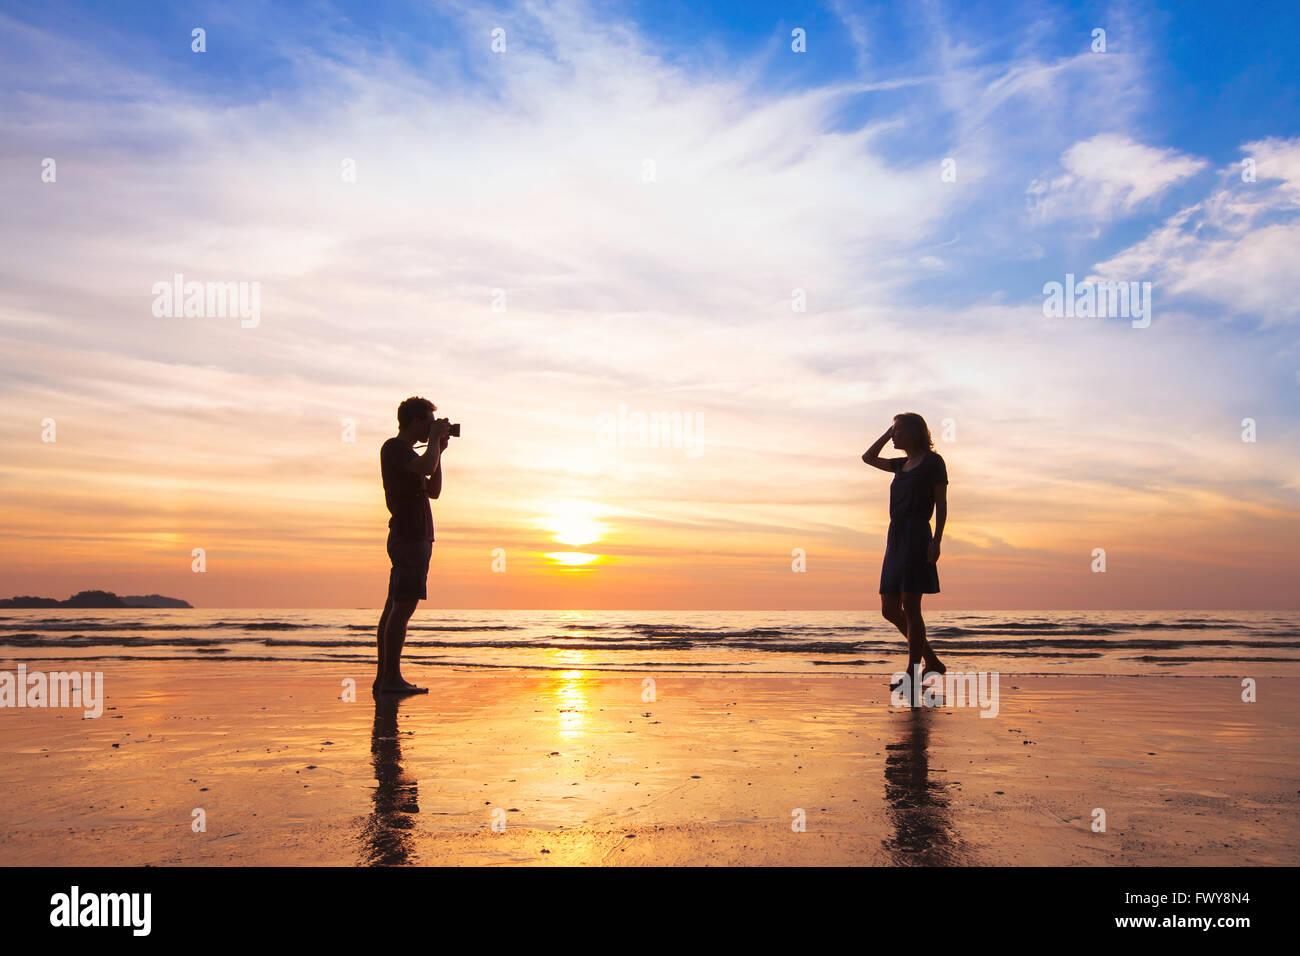 Fotógrafo y modelo, fotografías en la playa al atardecer, el hombre tomando fotos de mujer Imagen De Stock